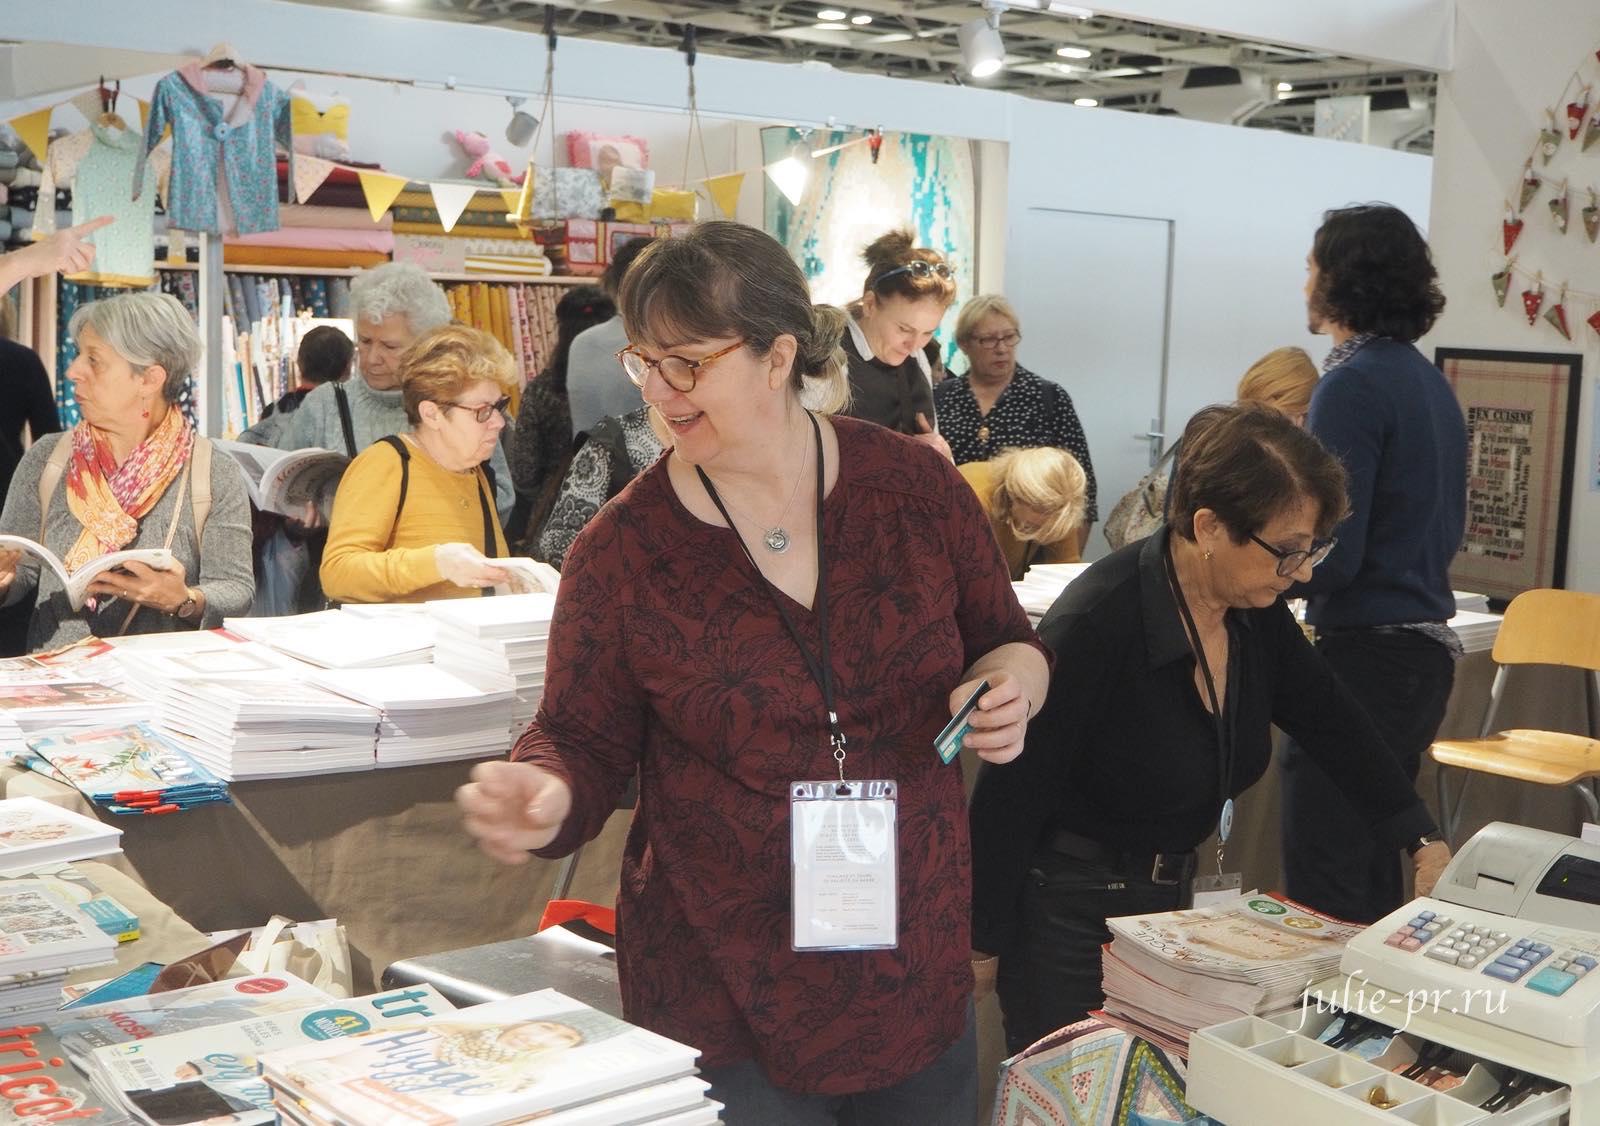 Изабель Вотье, Isabelle Vautier, вышивка крестом, рукодельный салон Creations & Savoir-Faire 2019, рукодельная выставка, Париж